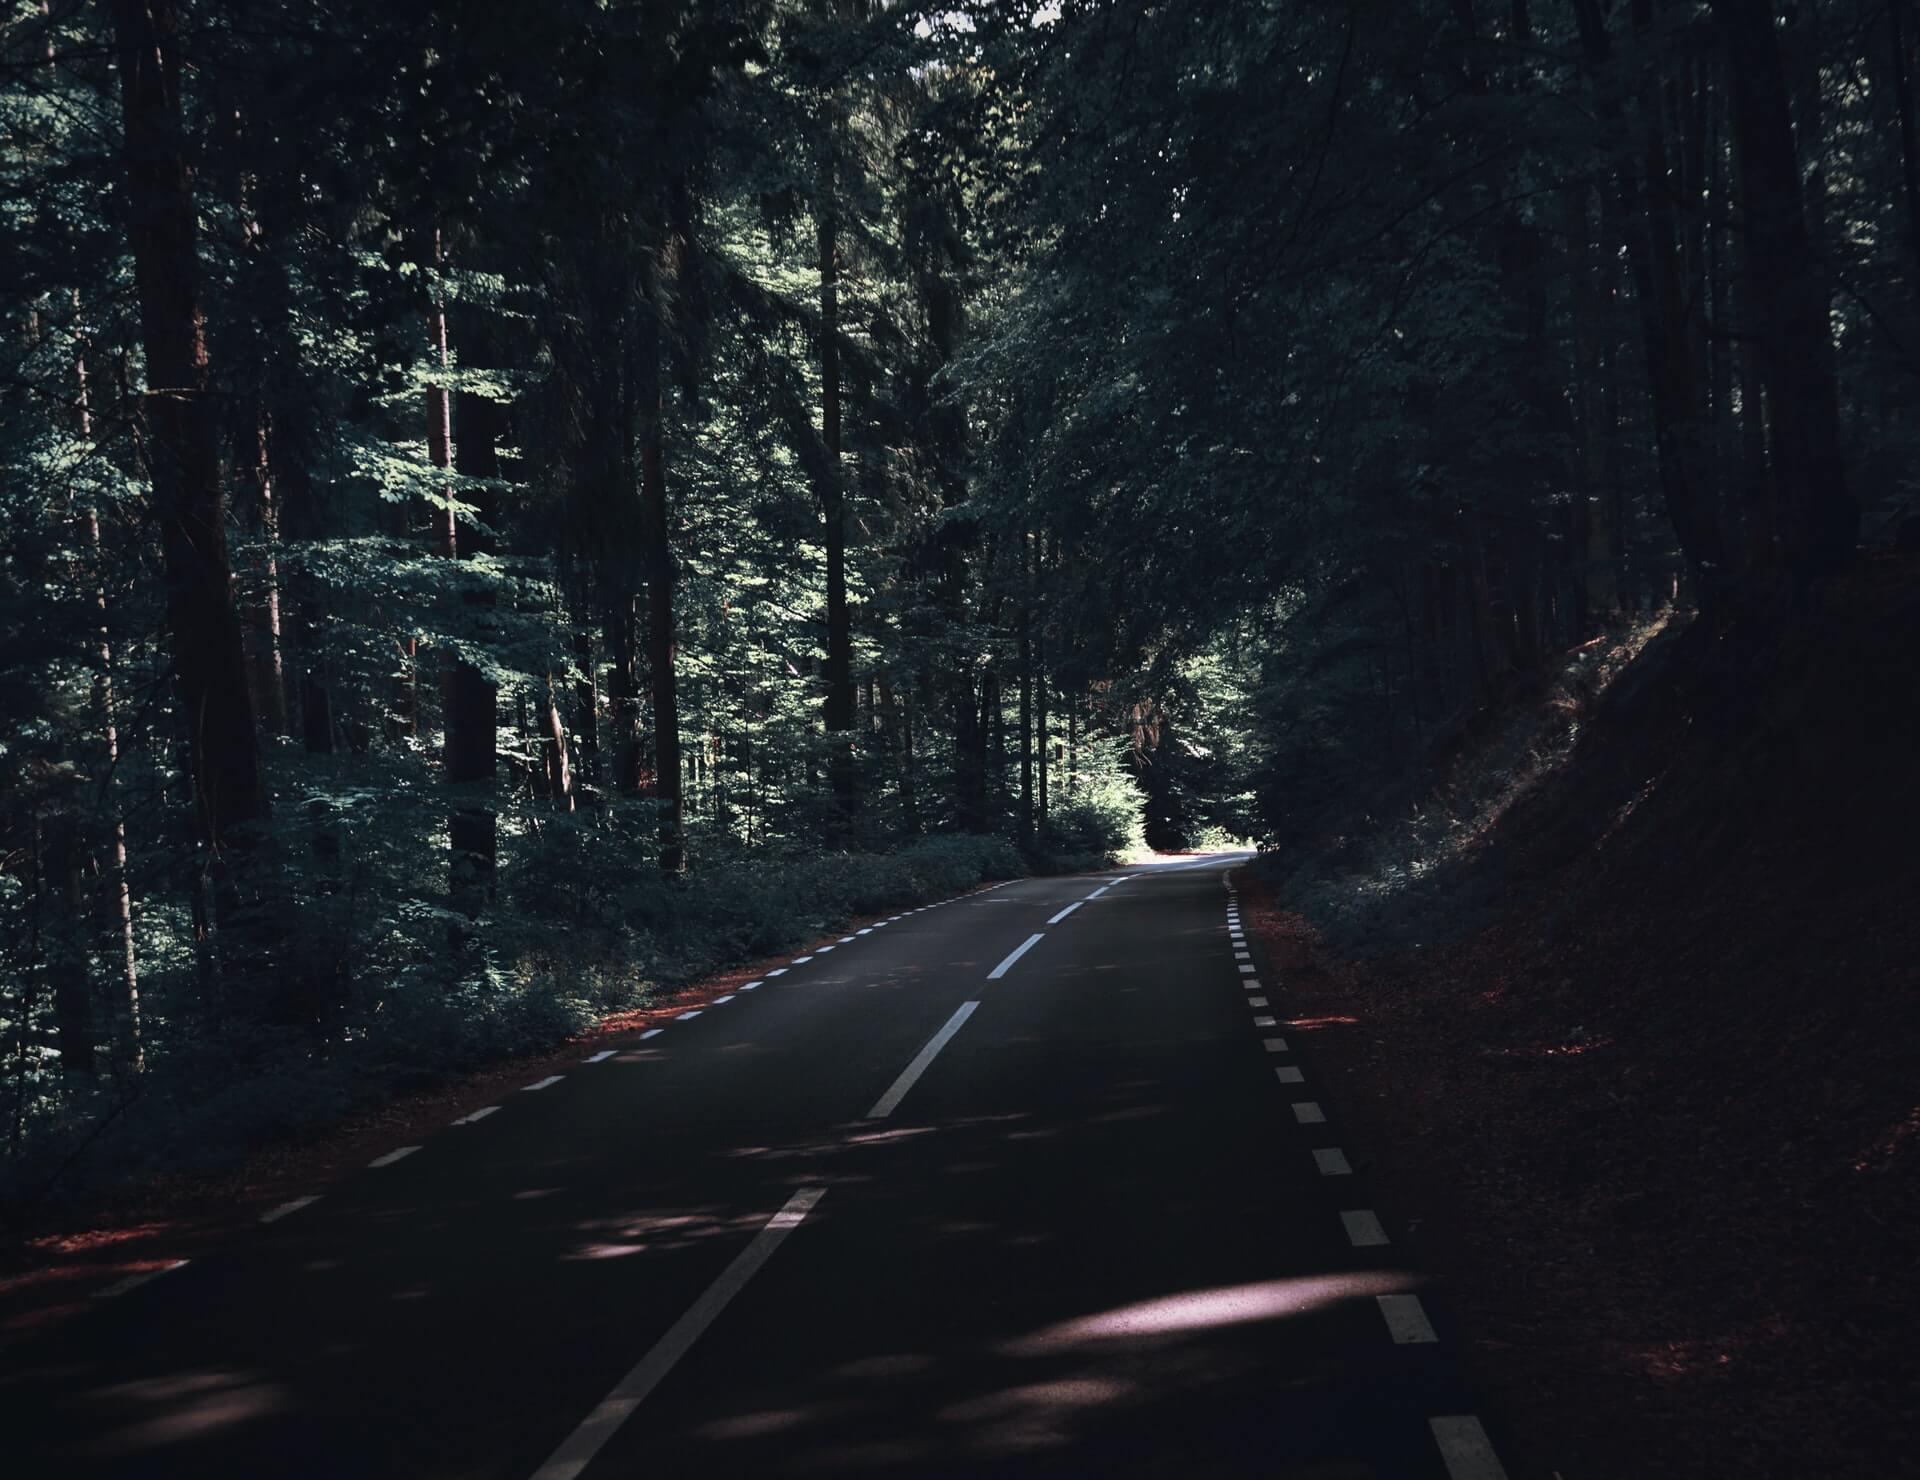 Lumberjack's Dynasti – skoghogger for en dag